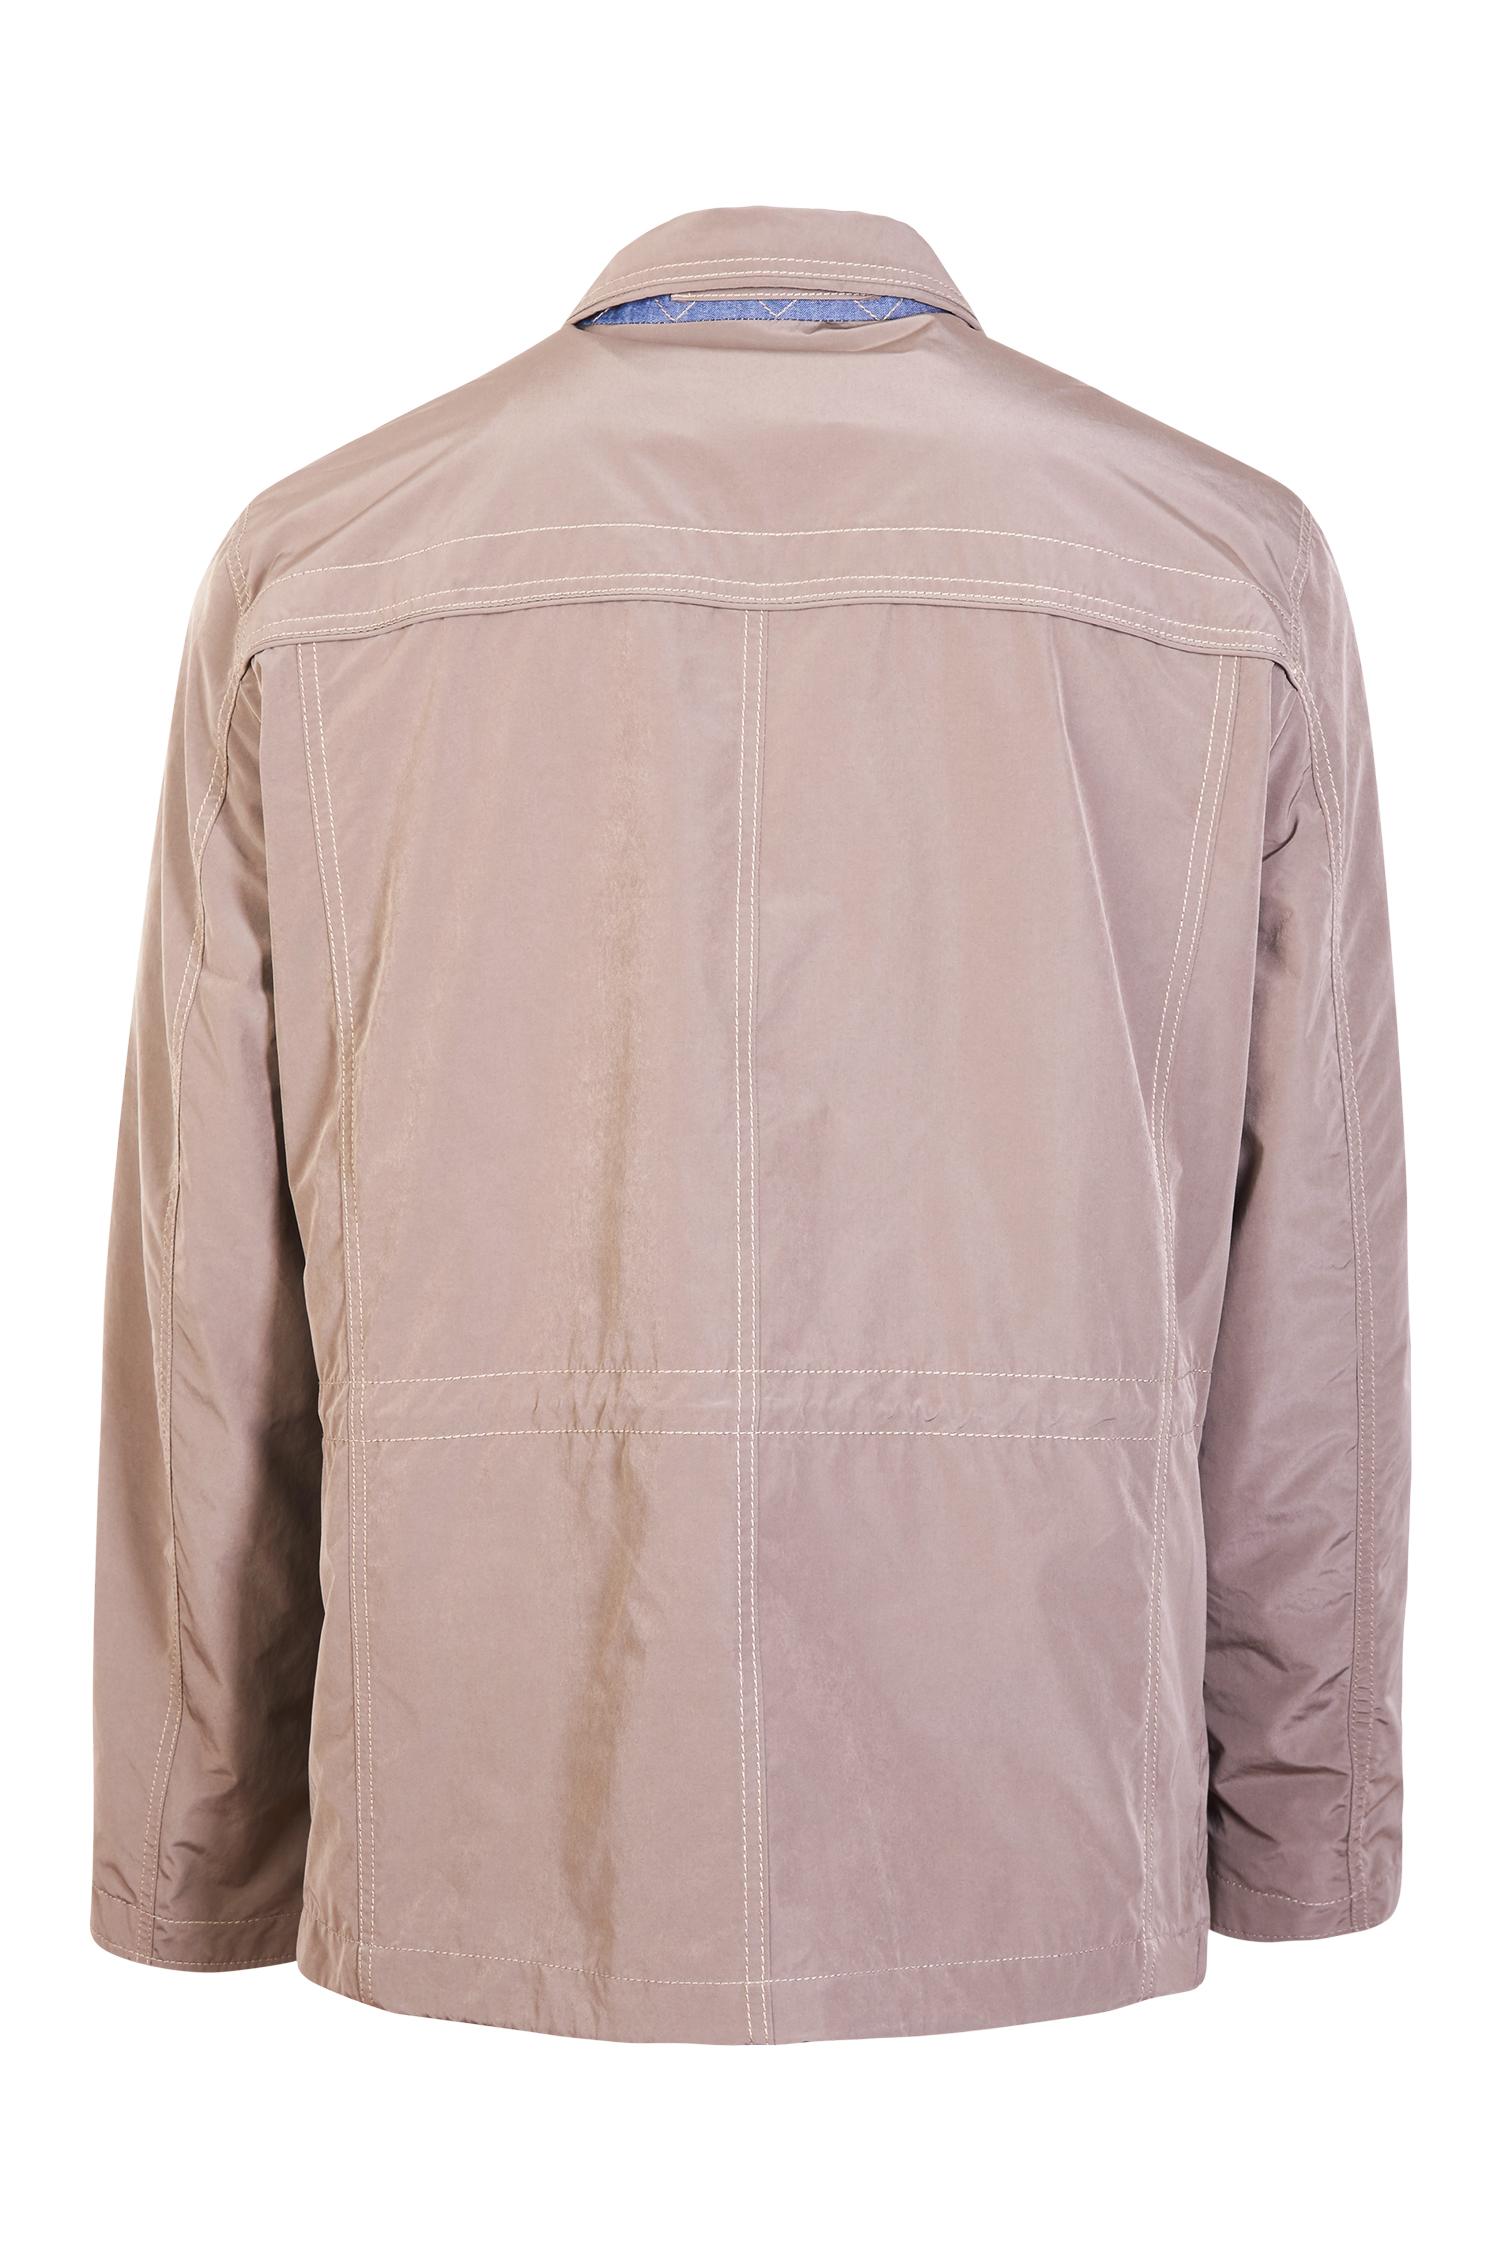 Abrigo, Chaquetones y Piel, 108775, MARRON | Zoom